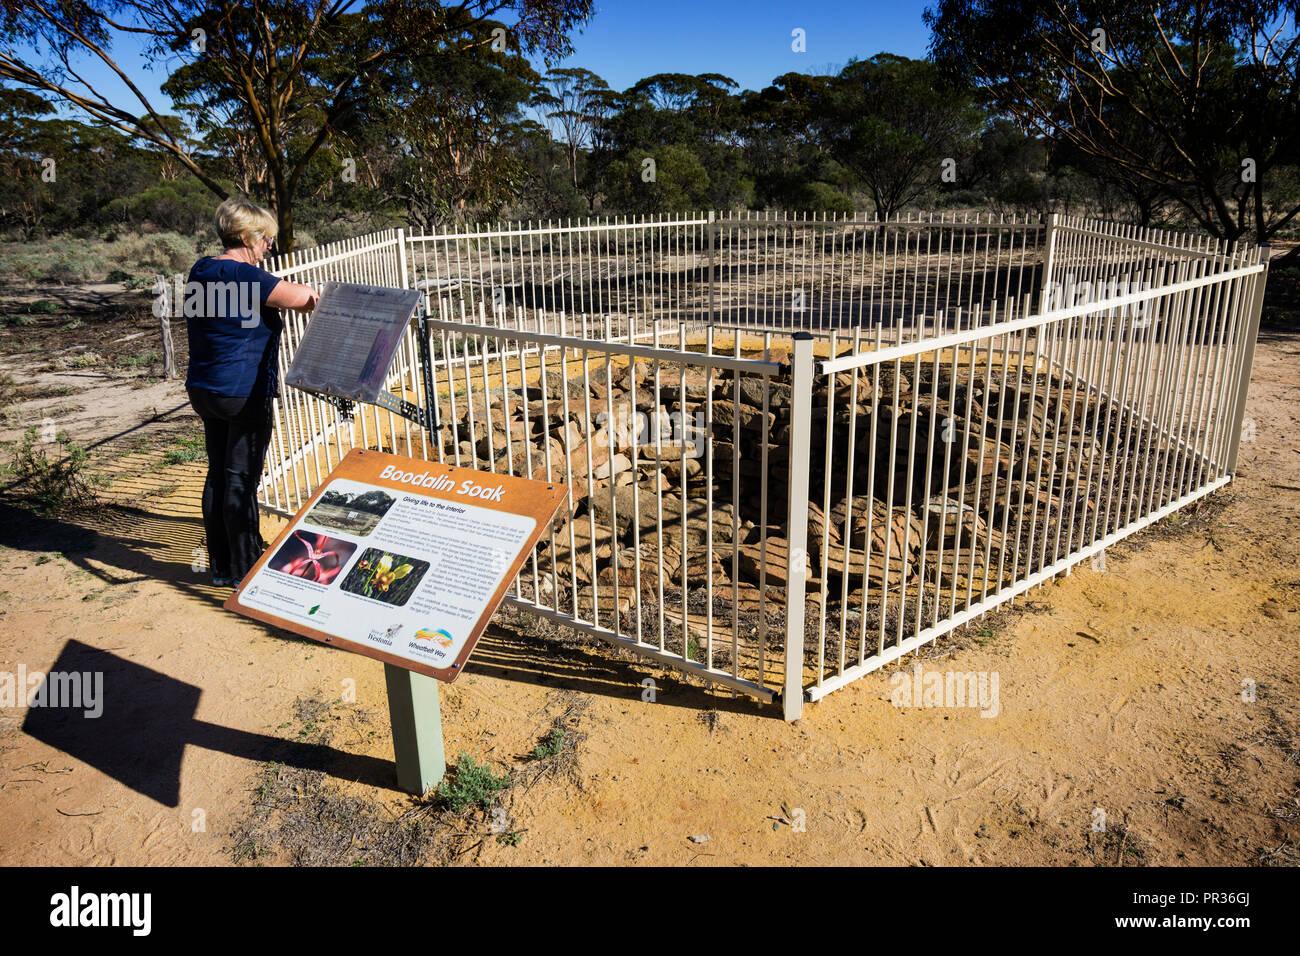 Mujeres de pie en la valla mirando histórico Westonia Boodalin empapar fuera de Australia Occidental Imagen De Stock